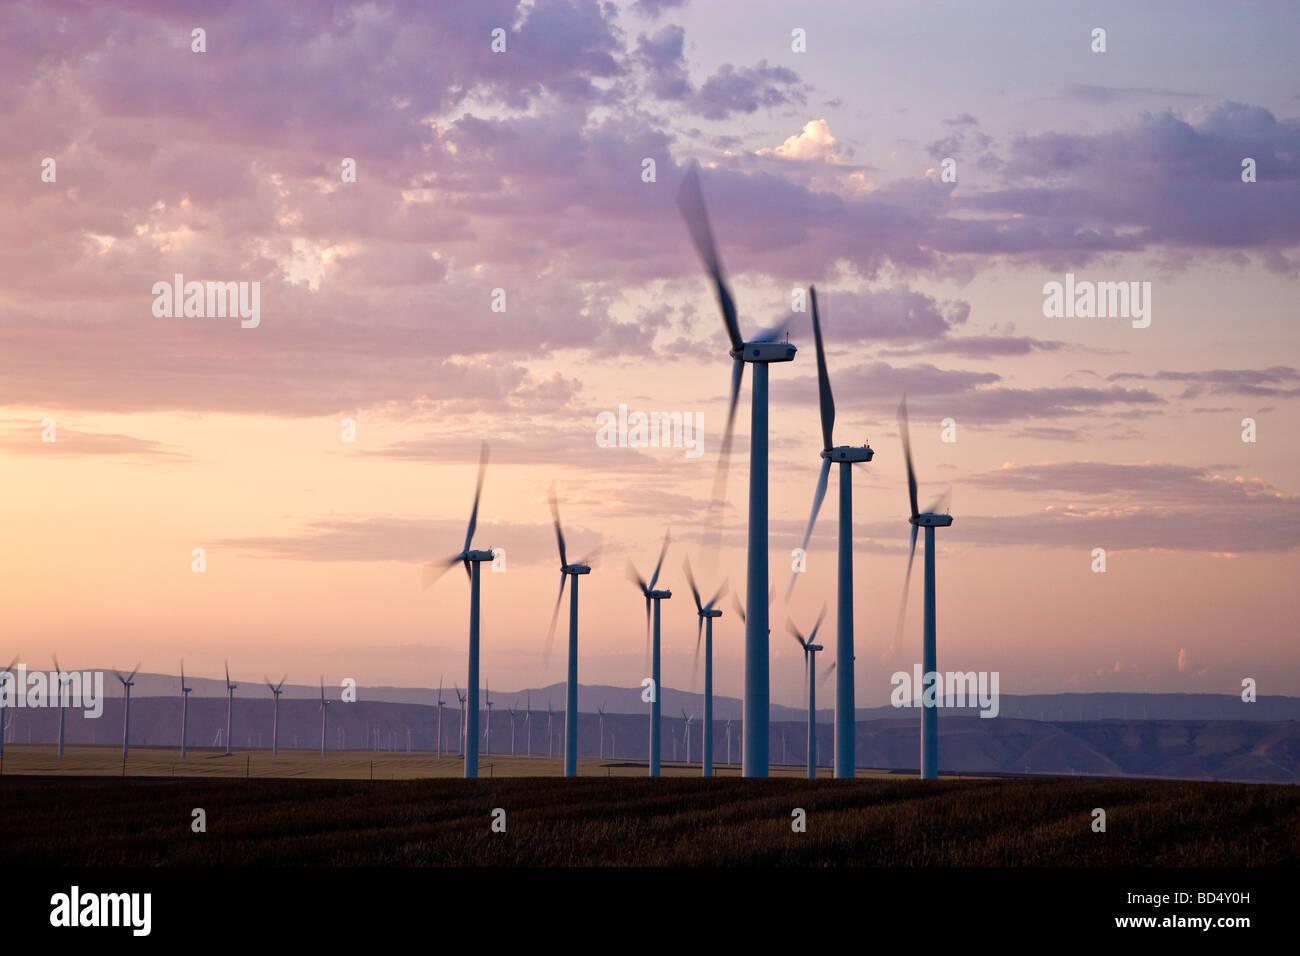 Windpark, Windkraftanlagen, in der Dämmerung. Stockbild